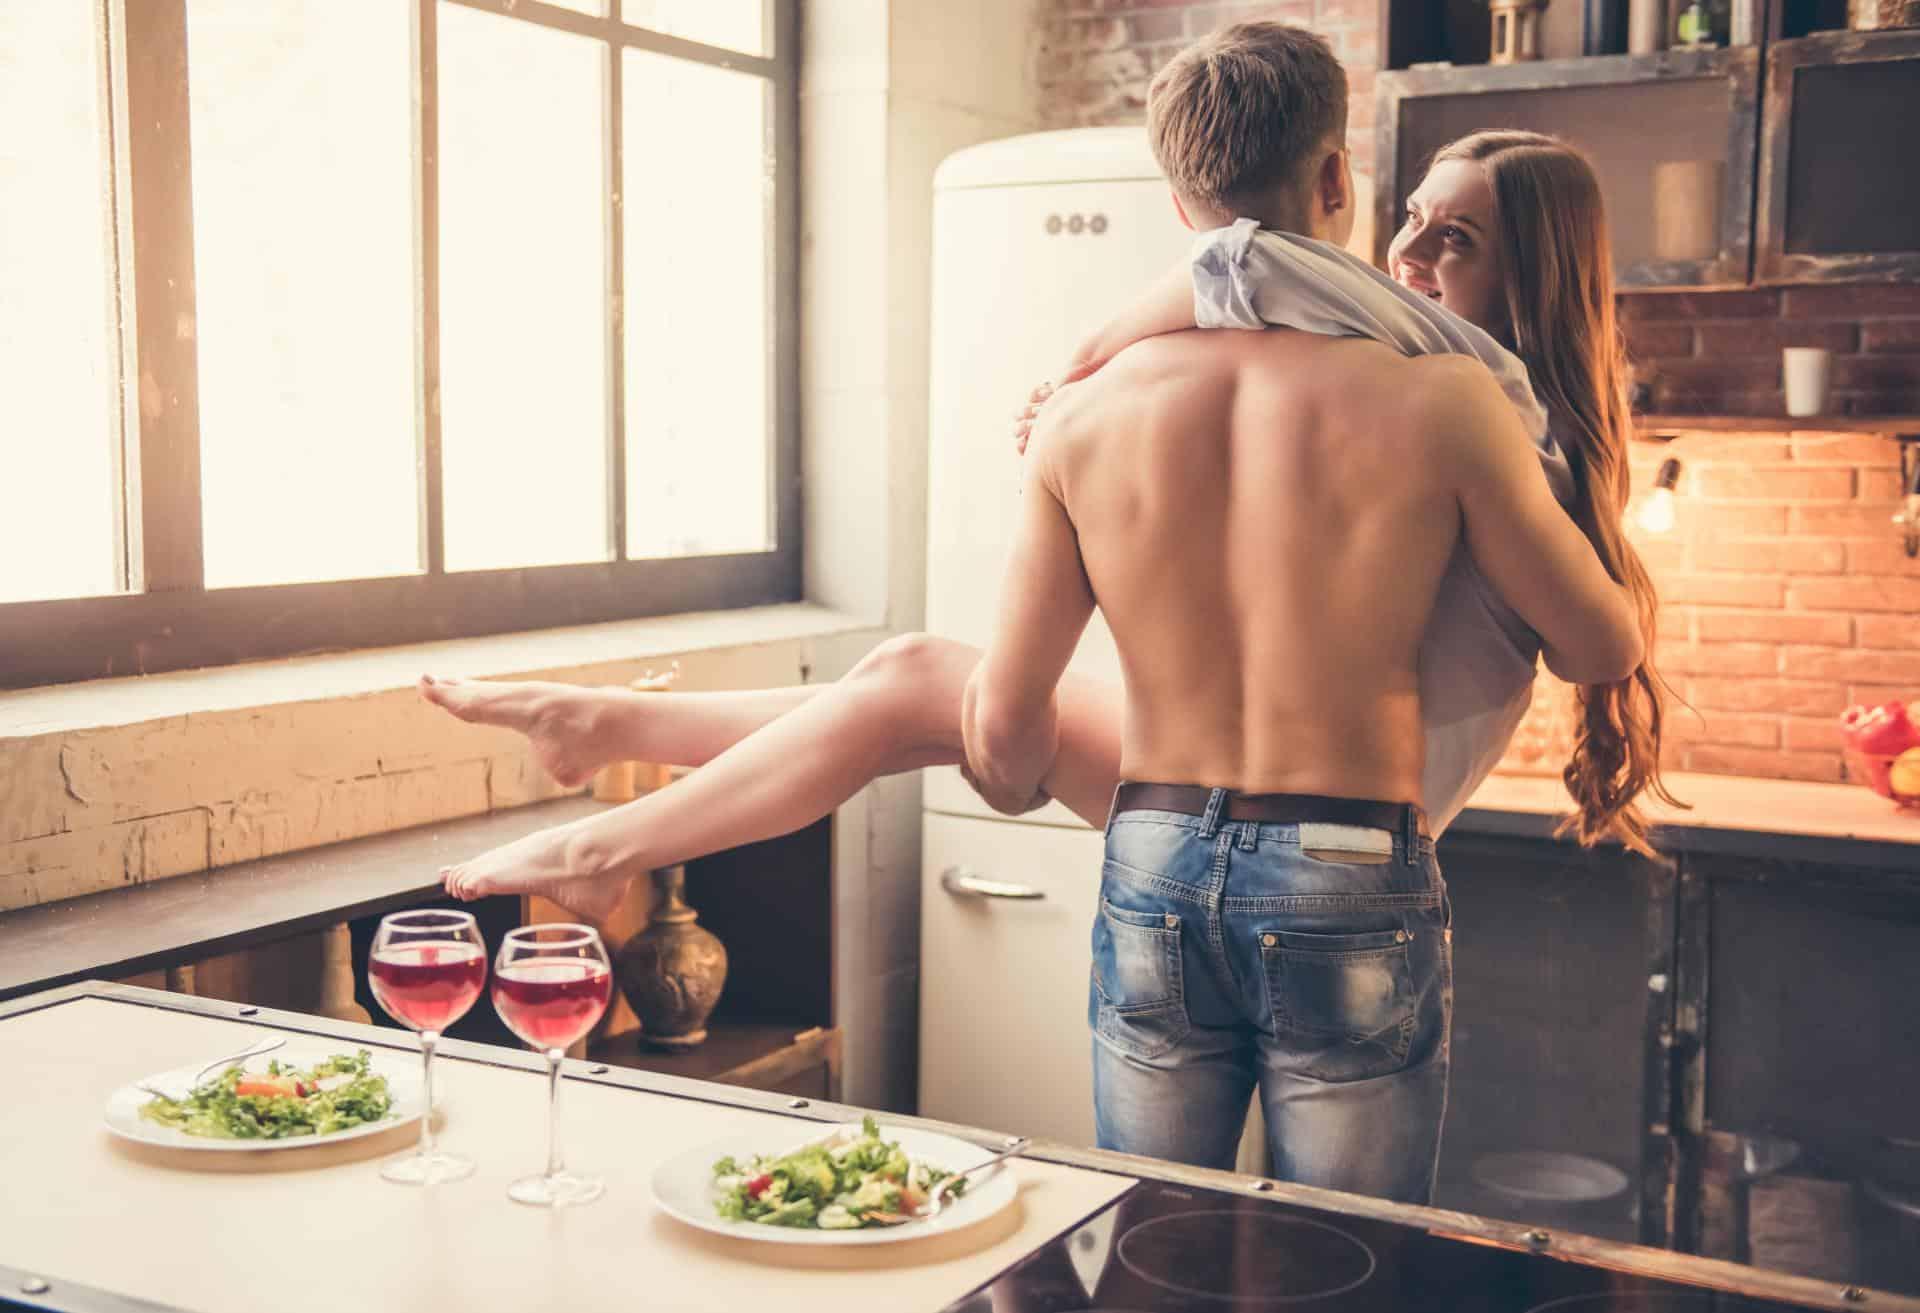 мужчина-Телец часто готовит для любимой